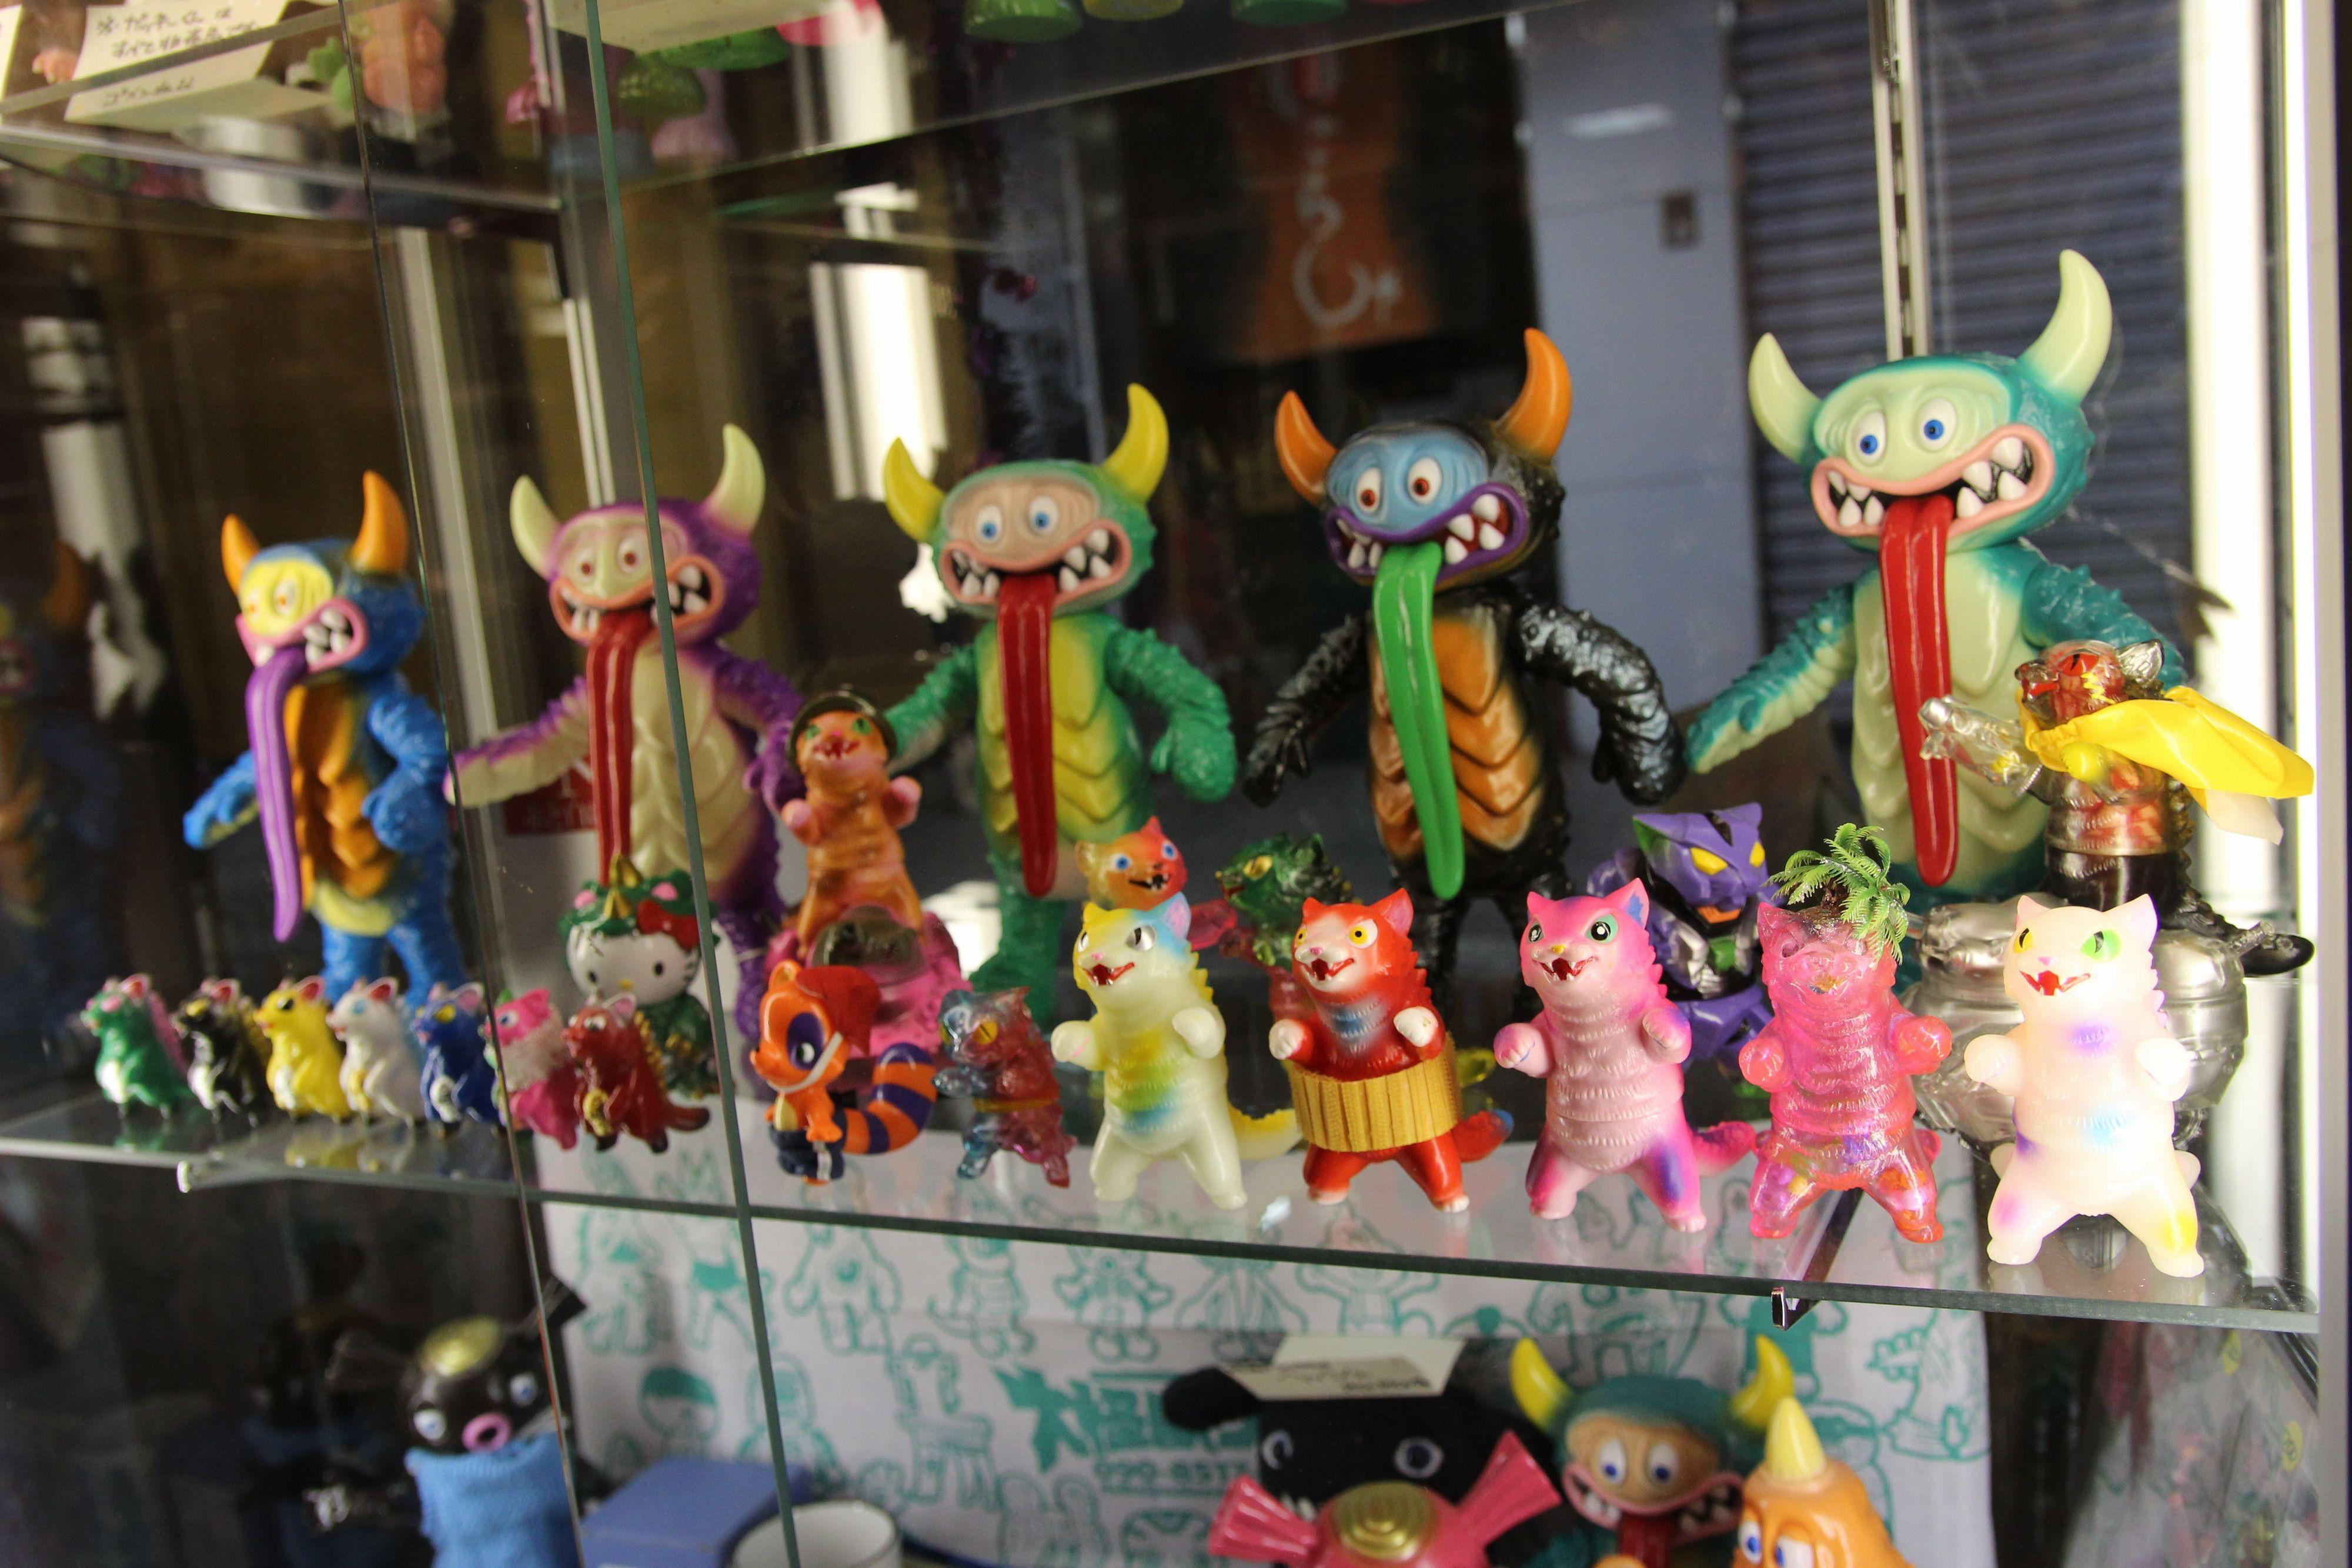 大怪獣サロン新装開店! 2015年4月9日の店内風景~怪獣好きの少年、英才教育を受ける!サンガッツ製ソフビをゲットできるガチャガチャ新登場!